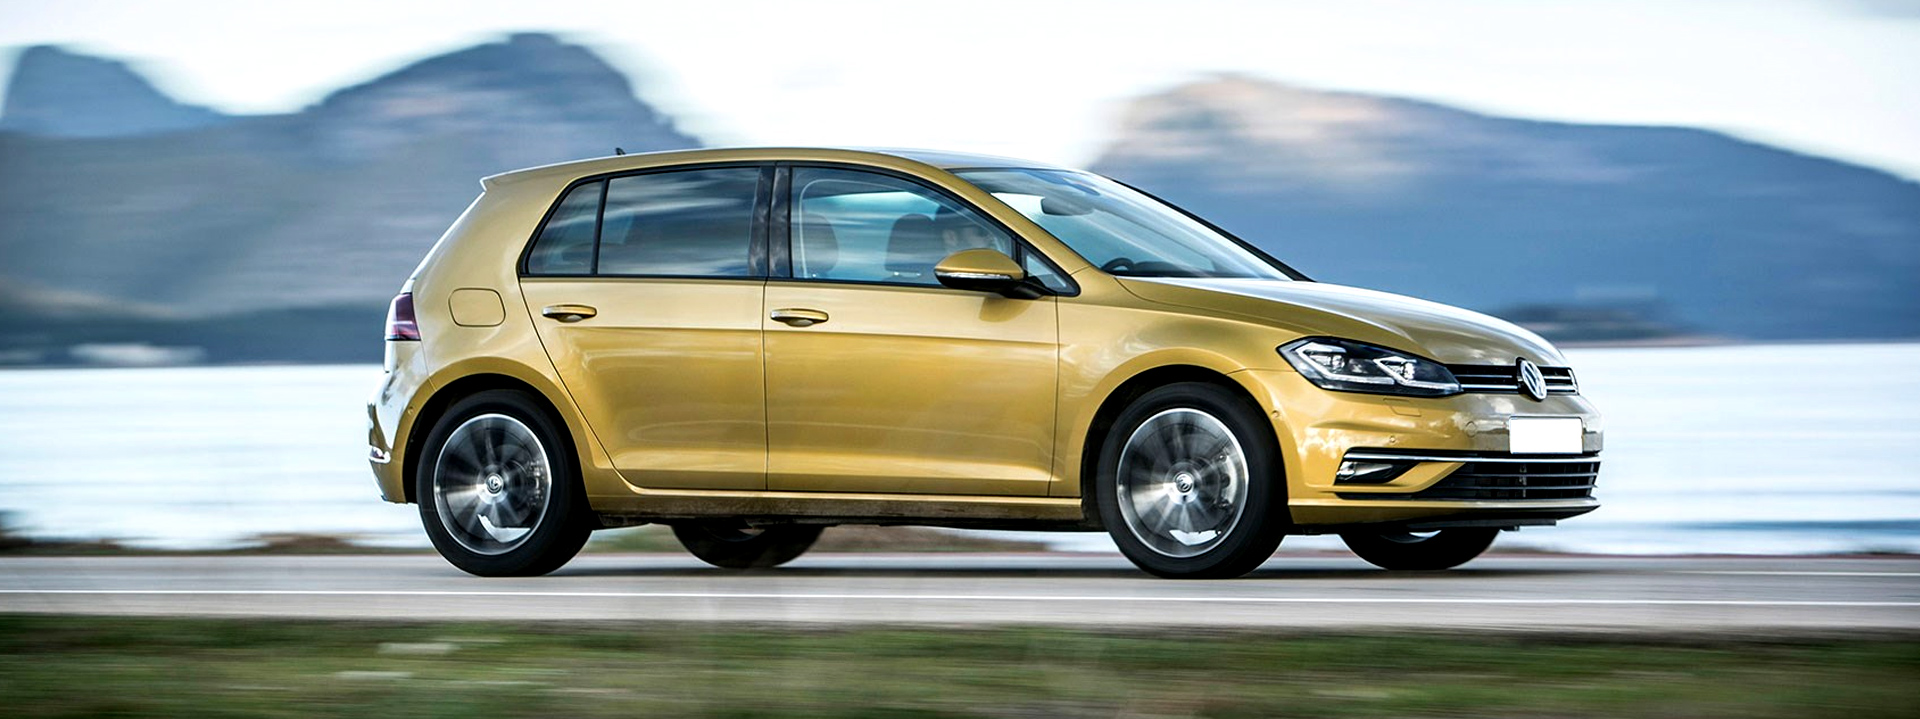 De nouveaux véhicules programmables: VAG, Ford, Renault